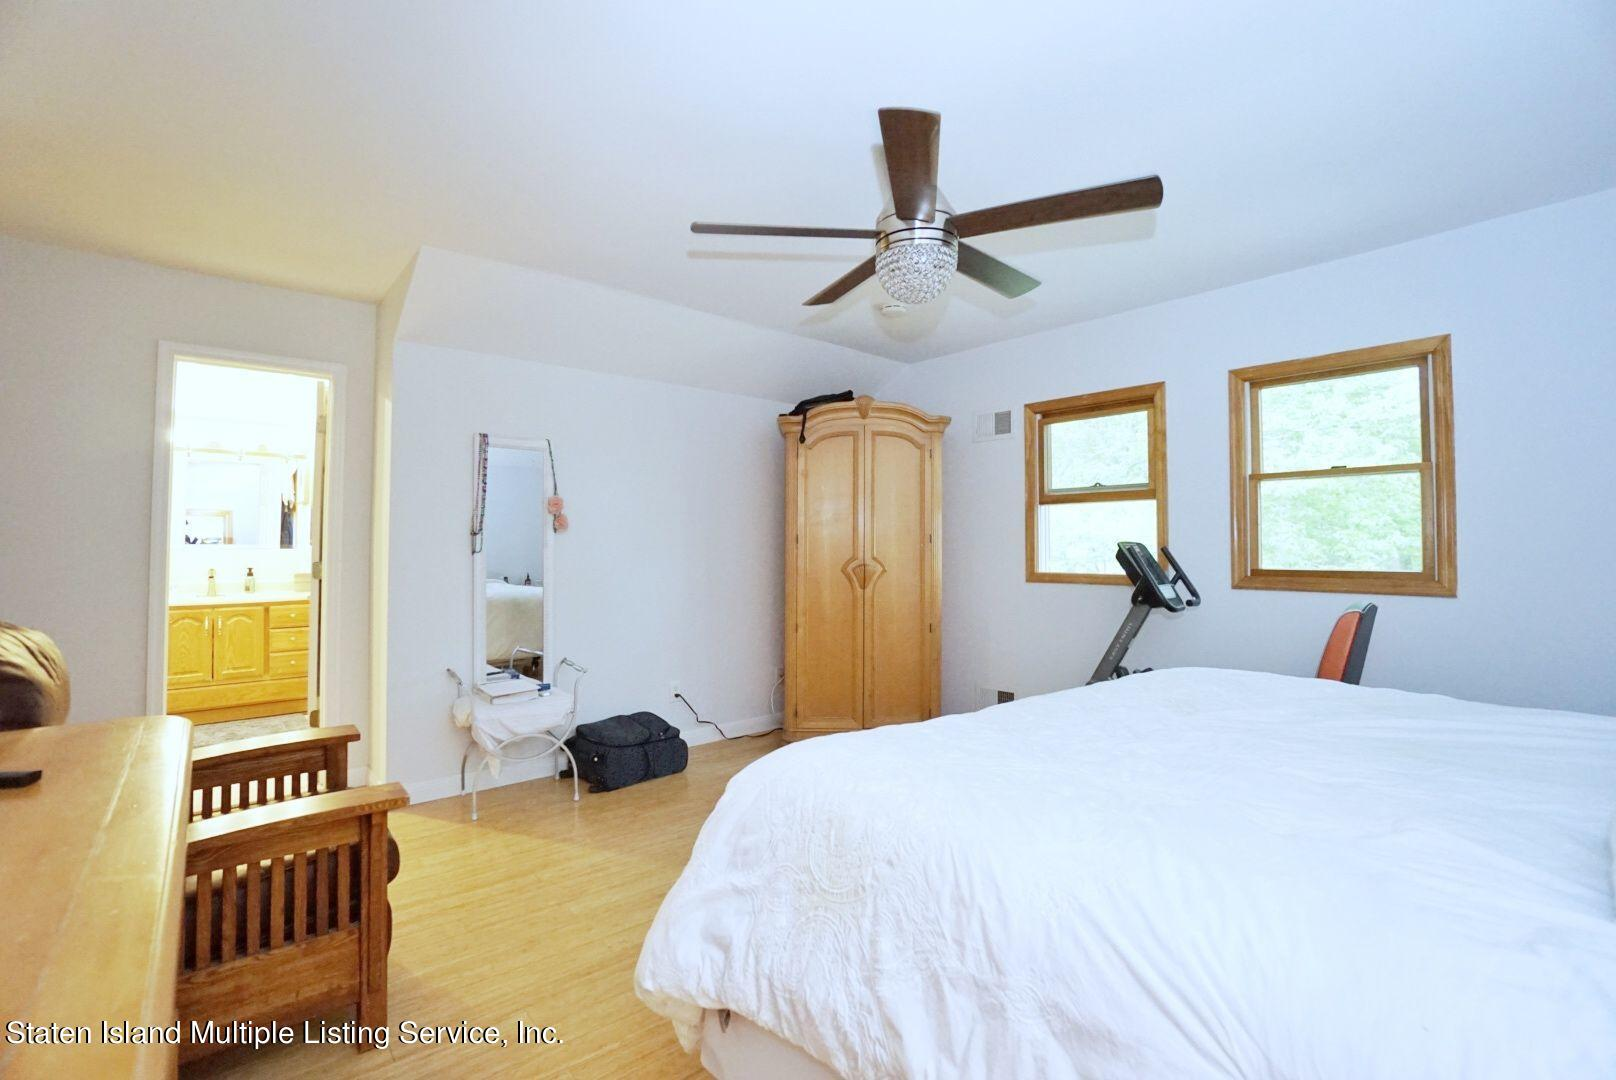 Single Family - Detached 311 Sharrott Avenue  Staten Island, NY 10309, MLS-1146042-40